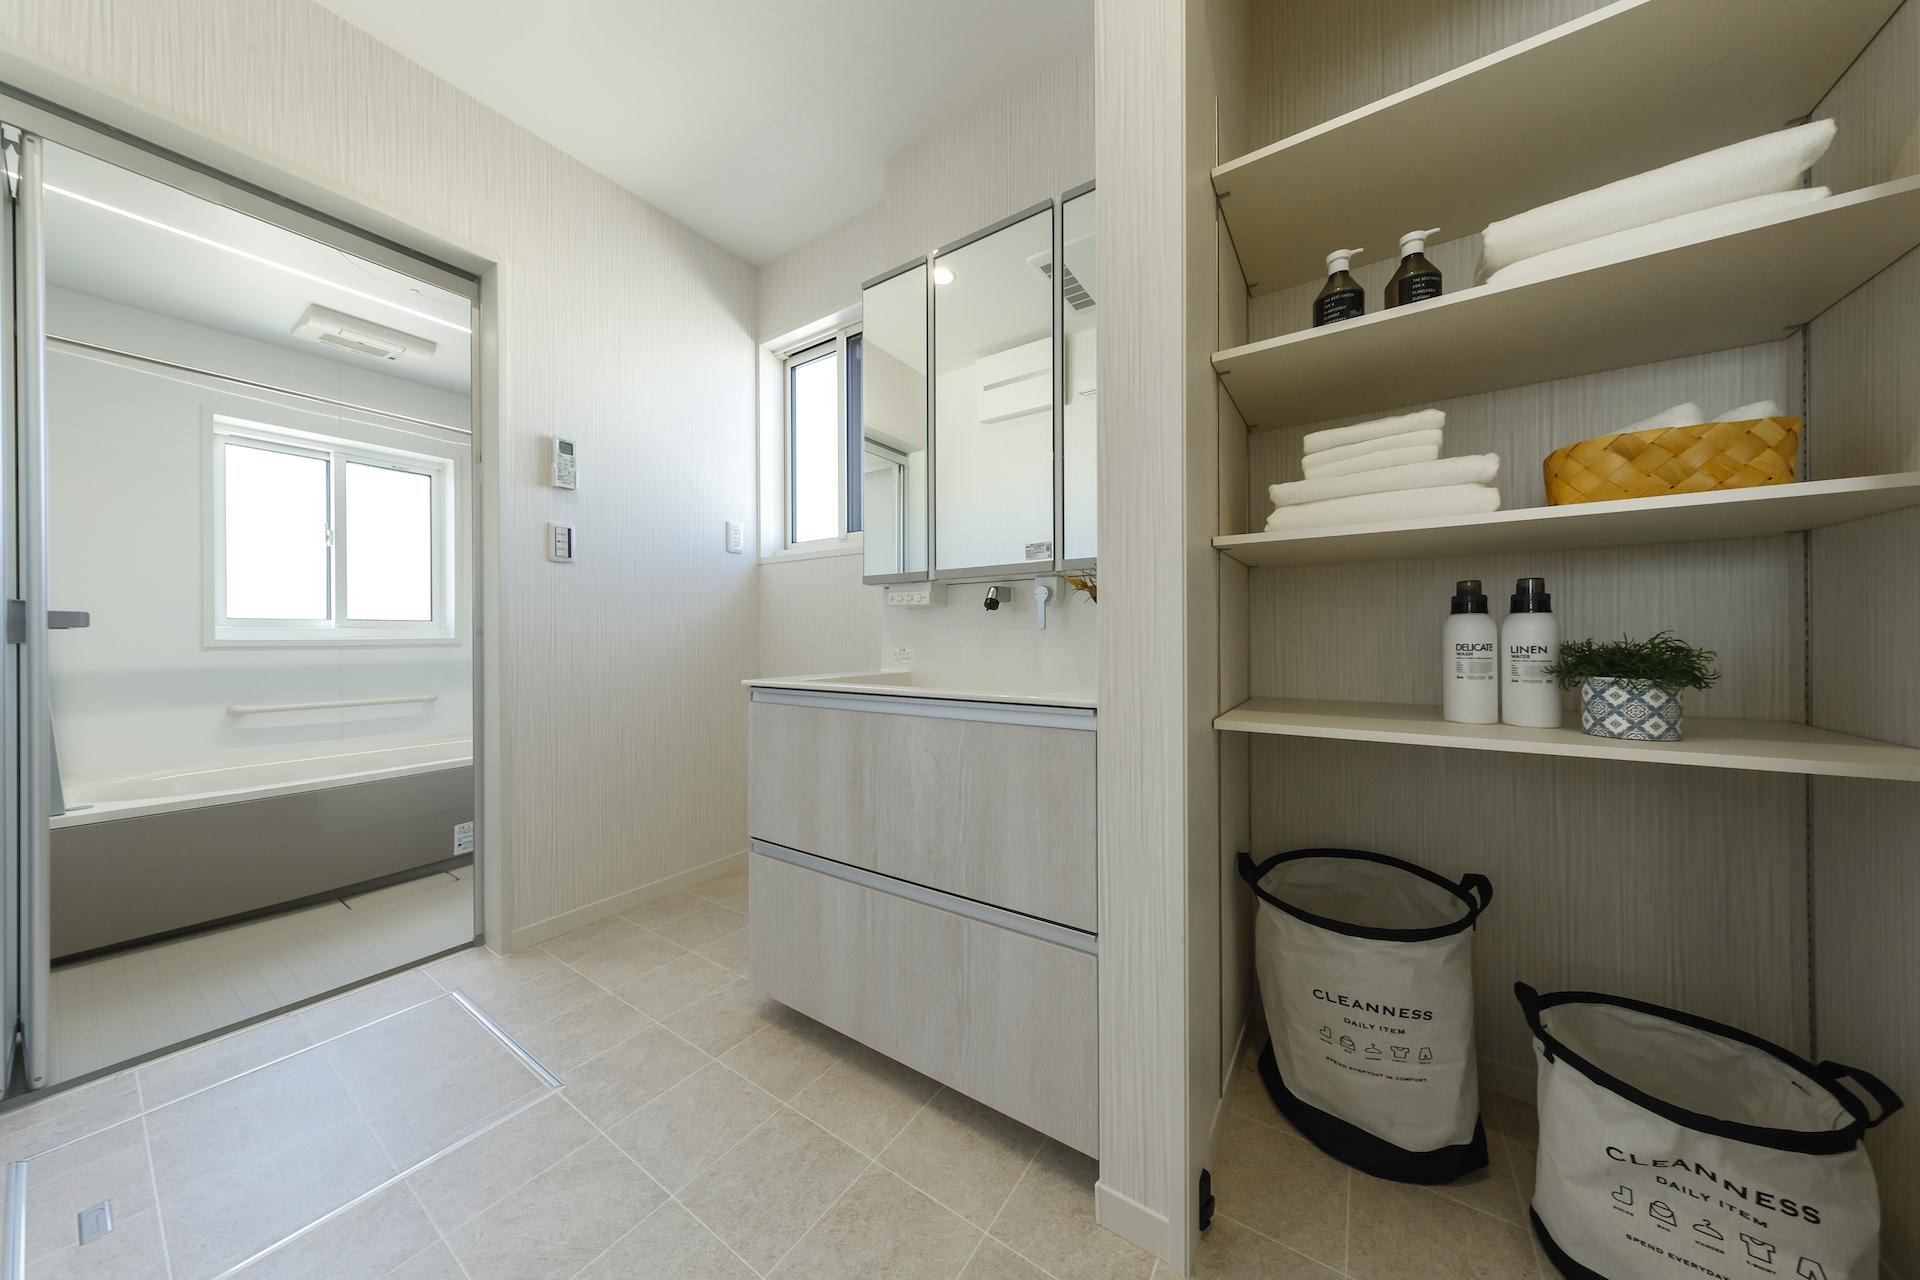 ミサワホーム静岡【デザイン住宅、収納力、インテリア】家事ラクの秘訣は、適材適所の収納にあり。洗面所に設けたリネン庫は、タオルだけでなくパジャマなどのお風呂の用意一式、洗剤などのストックもたくさん収納可能。洗面化粧台の収納とあわせれば、いつでもモノが片付きすっきり暮らせる